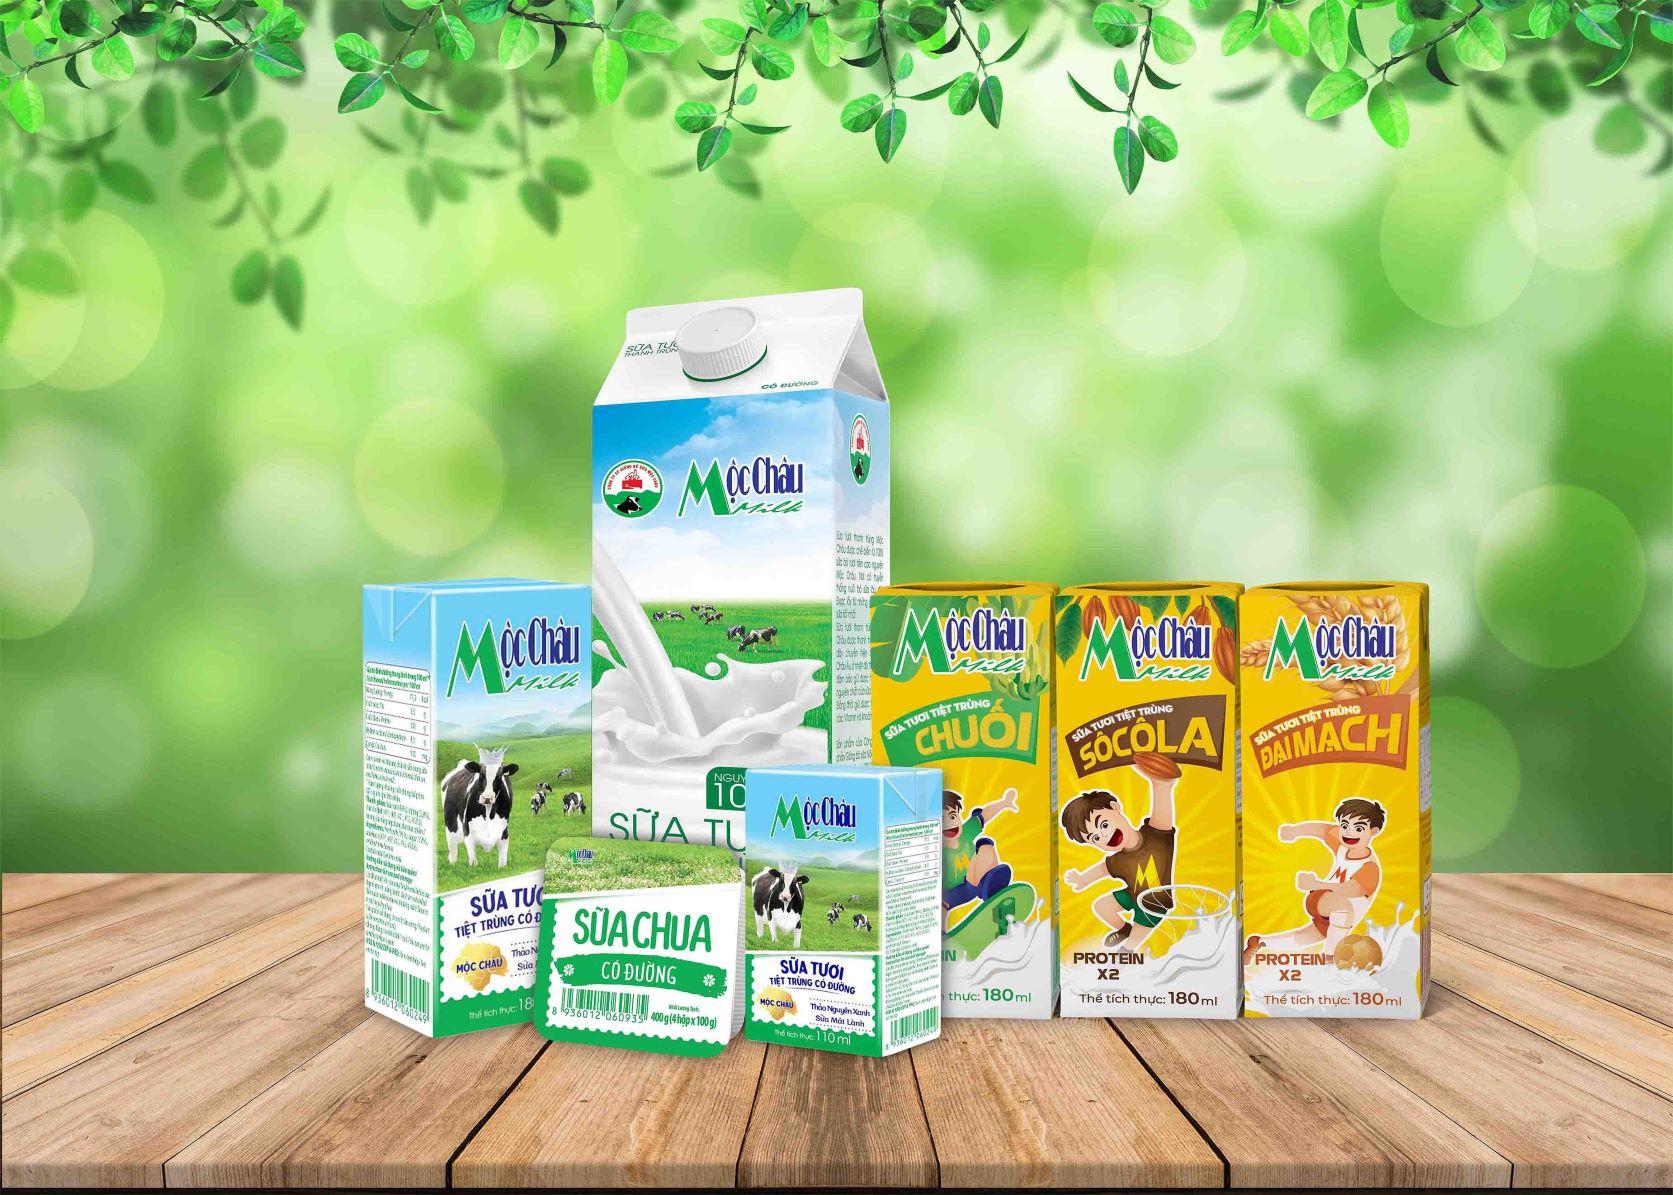 Mộc Châu Milk lên sàn UPCOM, quản trị công ty theo định hướng công khai, minh bạch 5